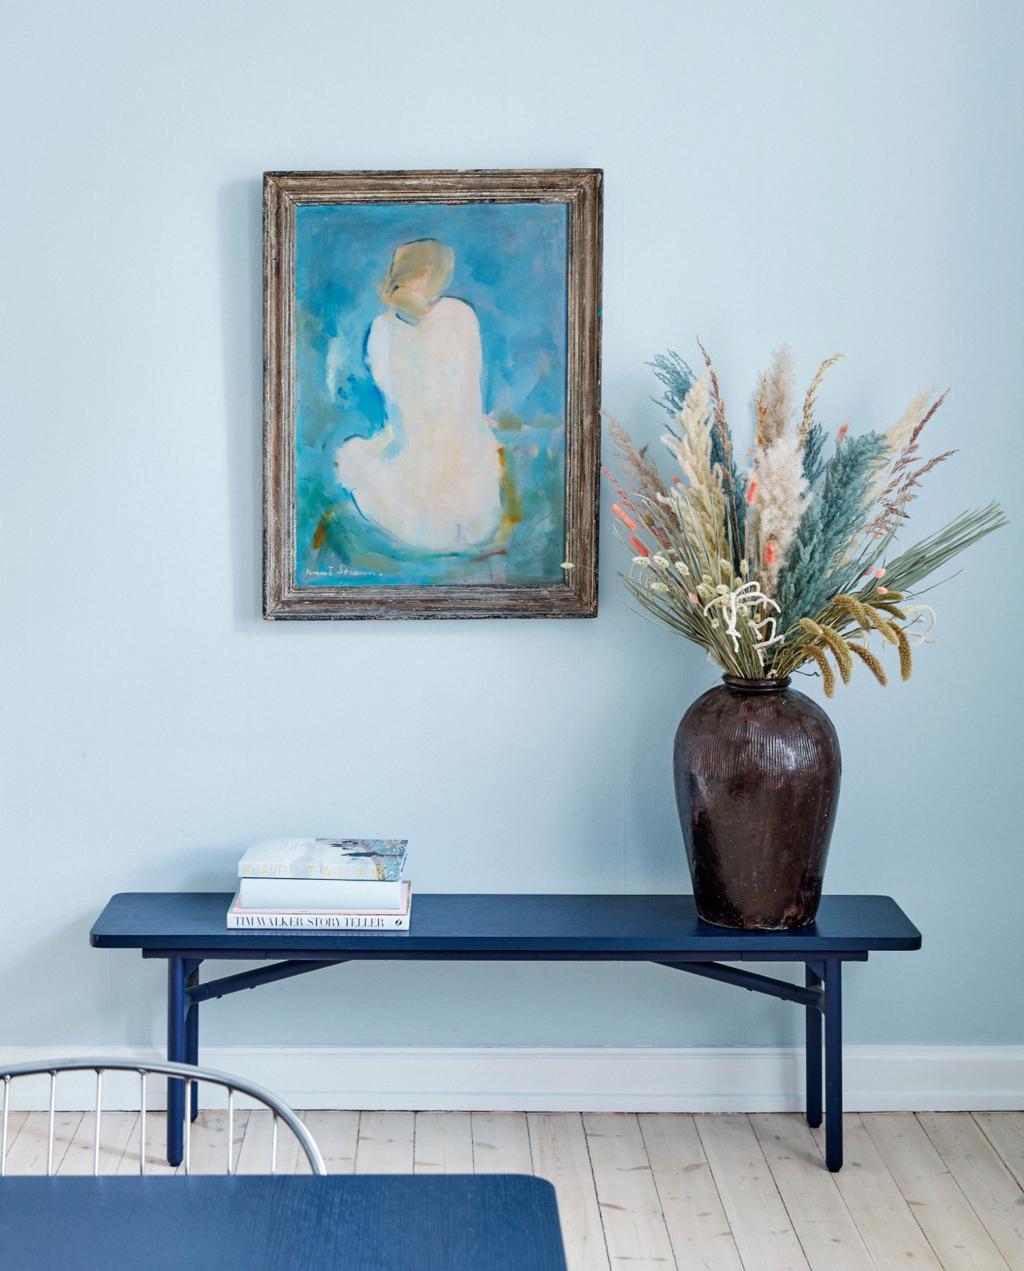 vtwonen 06-2020 | Appartement Kopenhagen sidetable met vaas en schilderij aan de muur